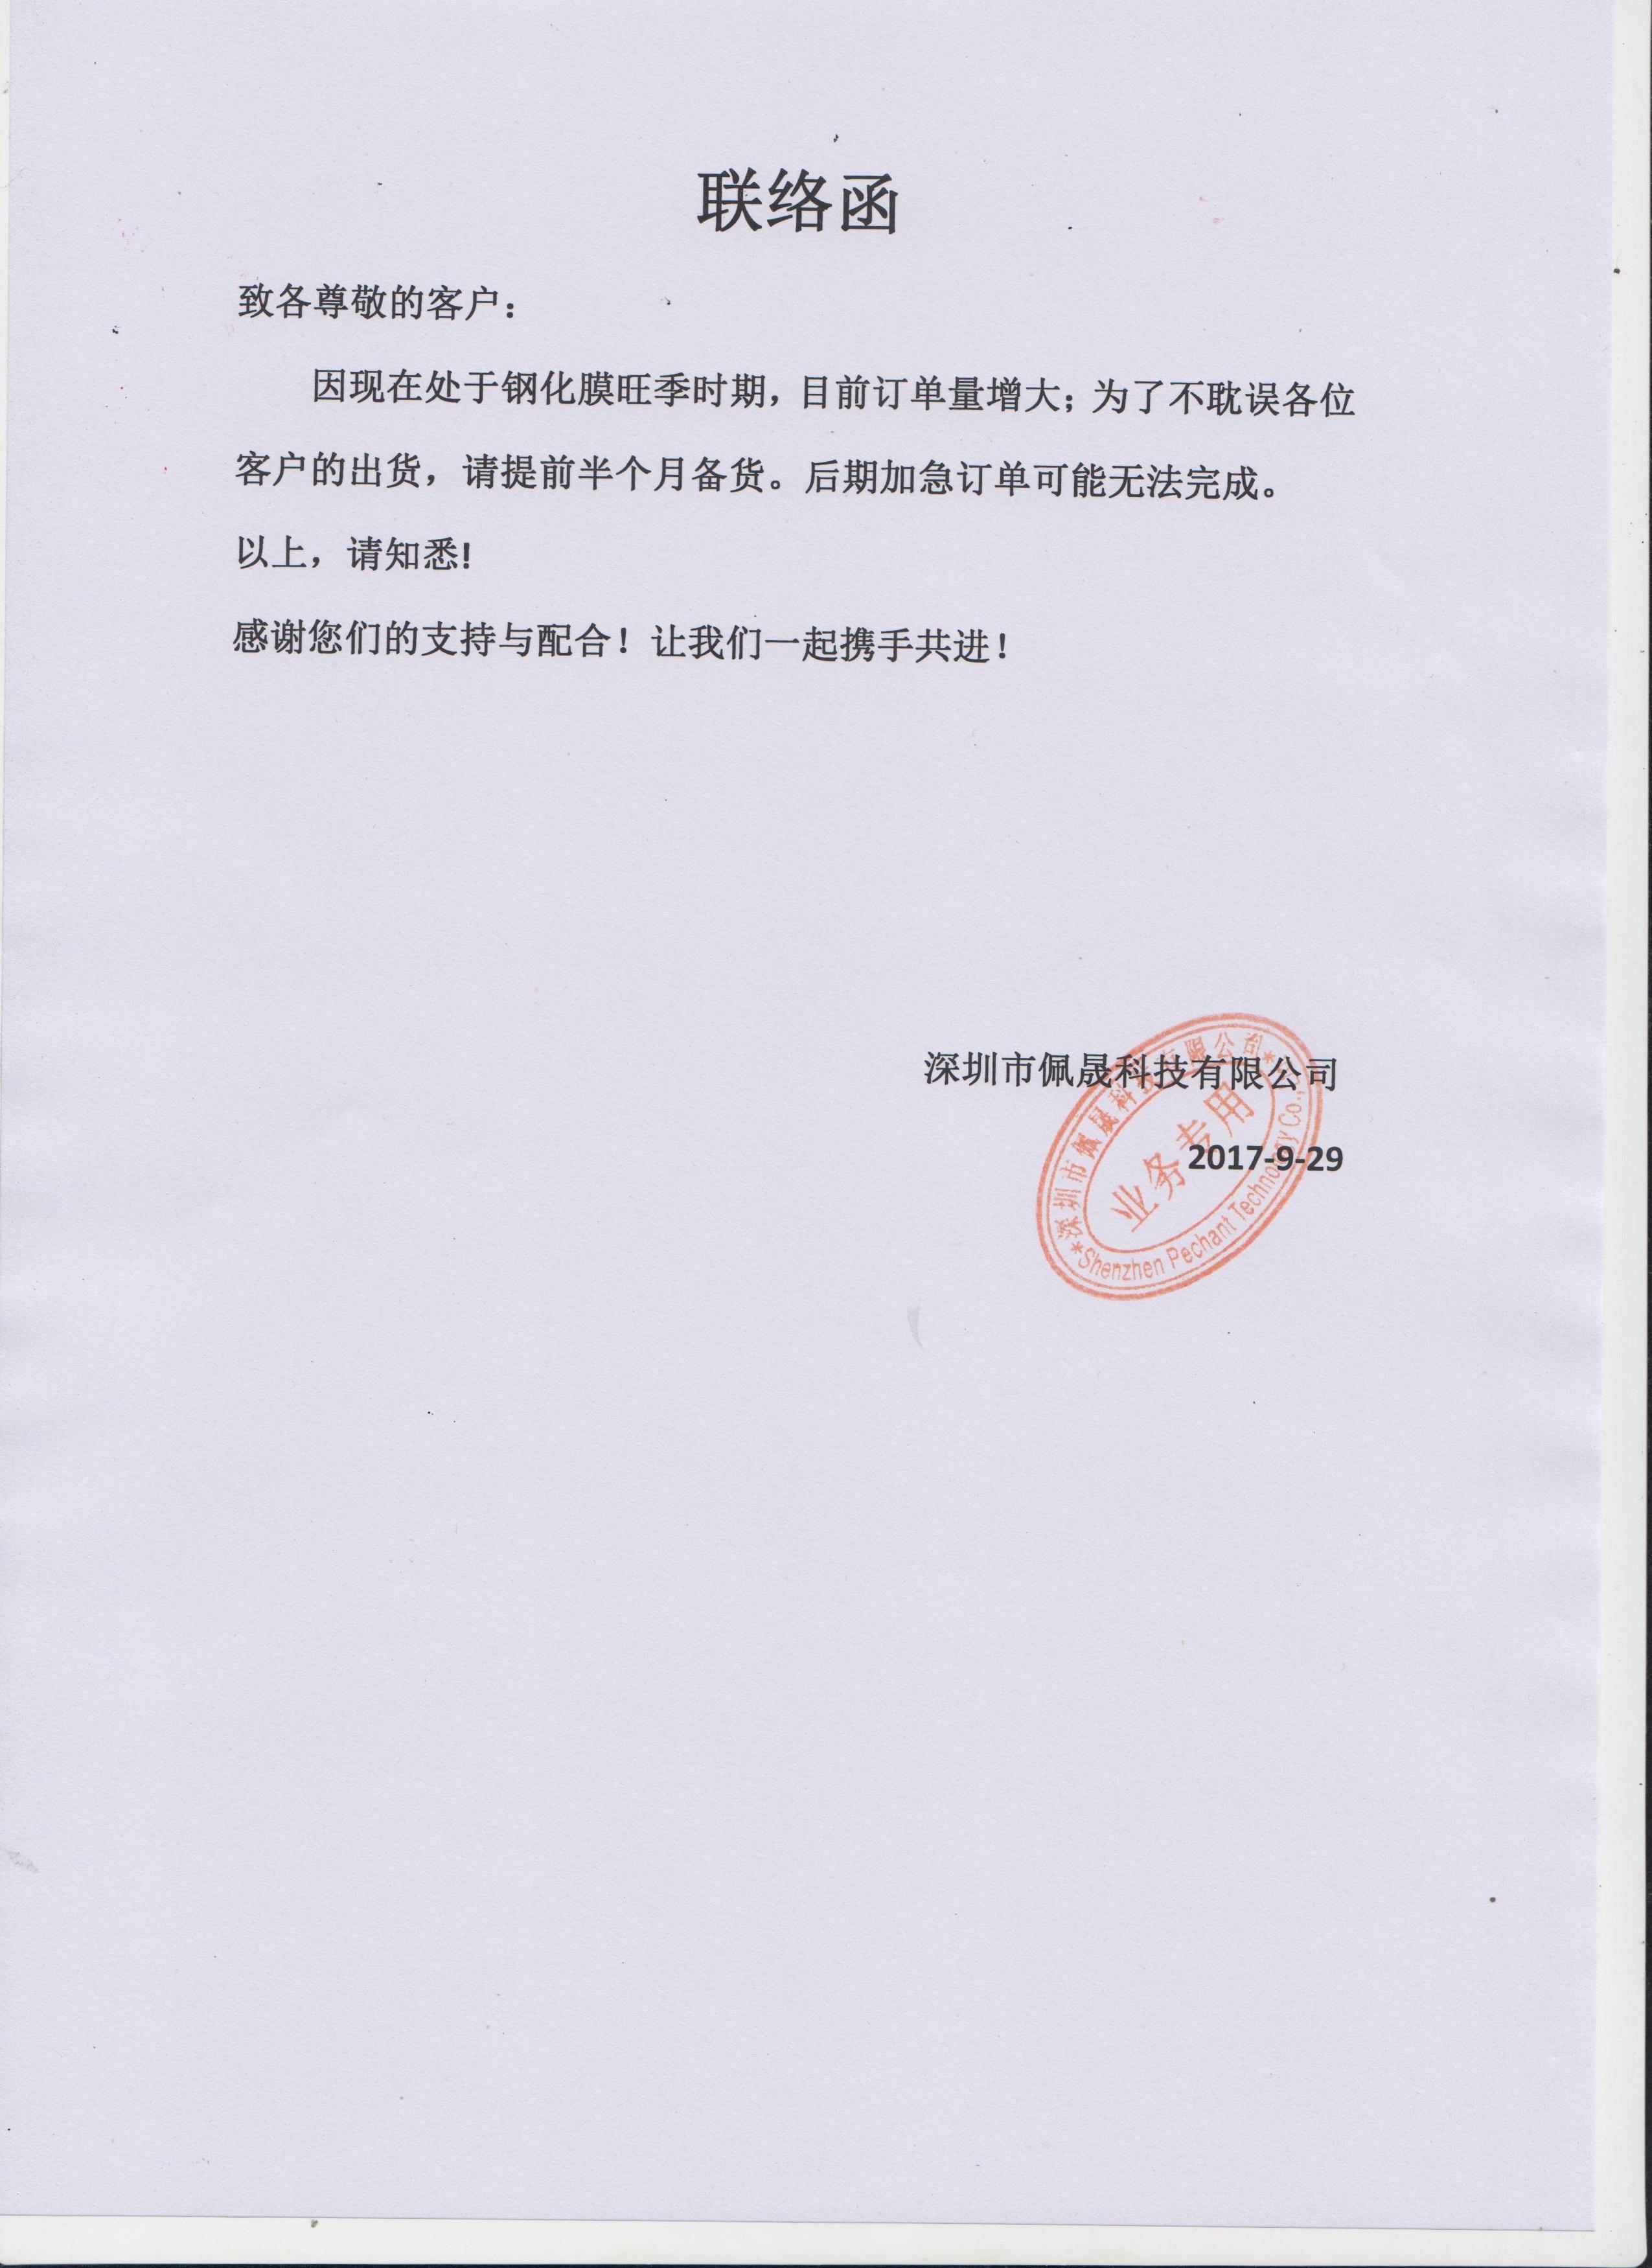 深圳市佩晟科技有限公司 备货联络函